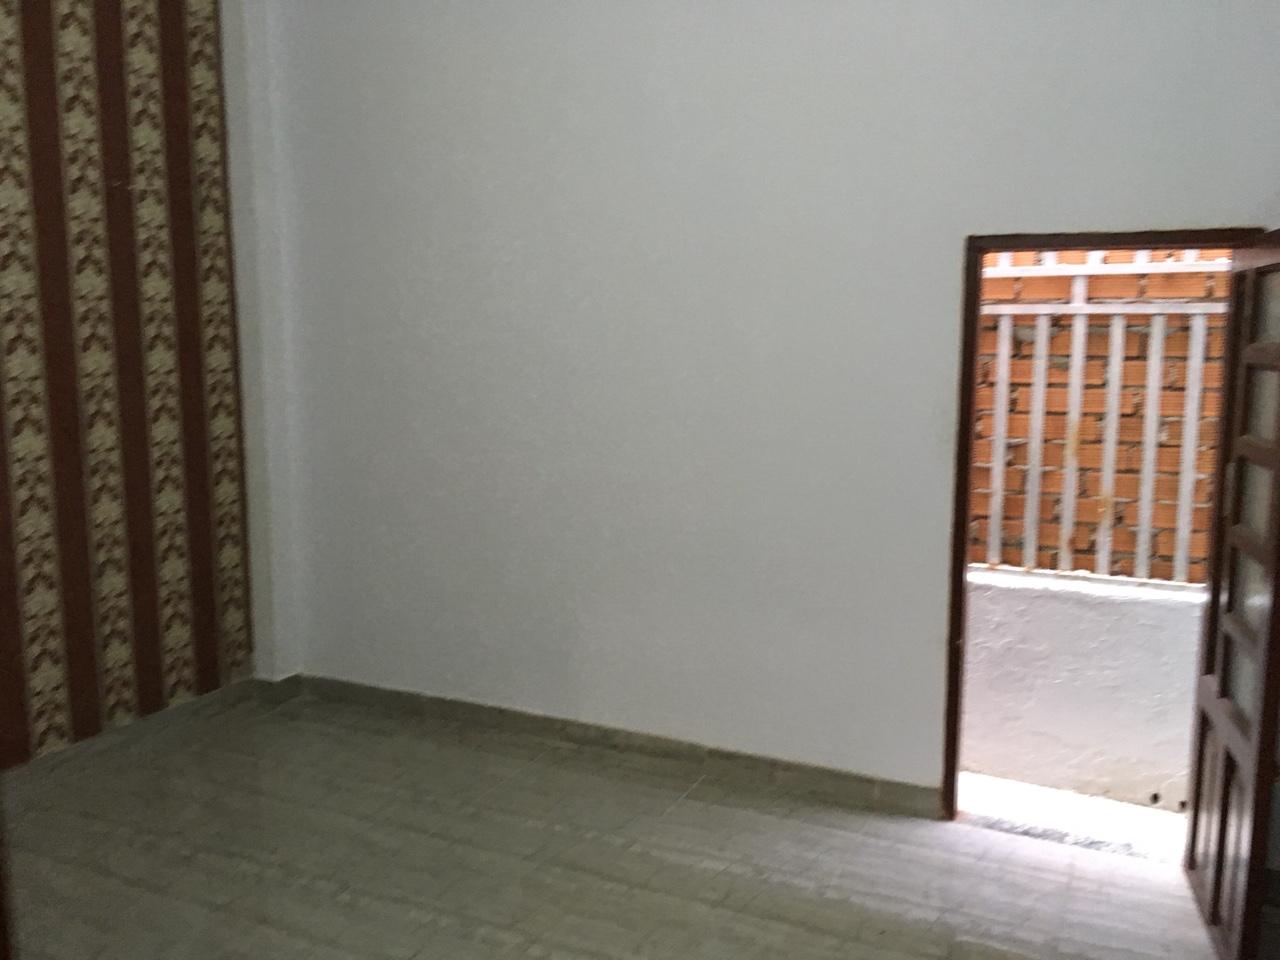 Cần bán nhà 1 trệt,1 lầu,giá rẻ,Đường Tân An,Phường tân Đông hiệp,DĨ an,bình dương,61m2 giá 1,8 tỷ